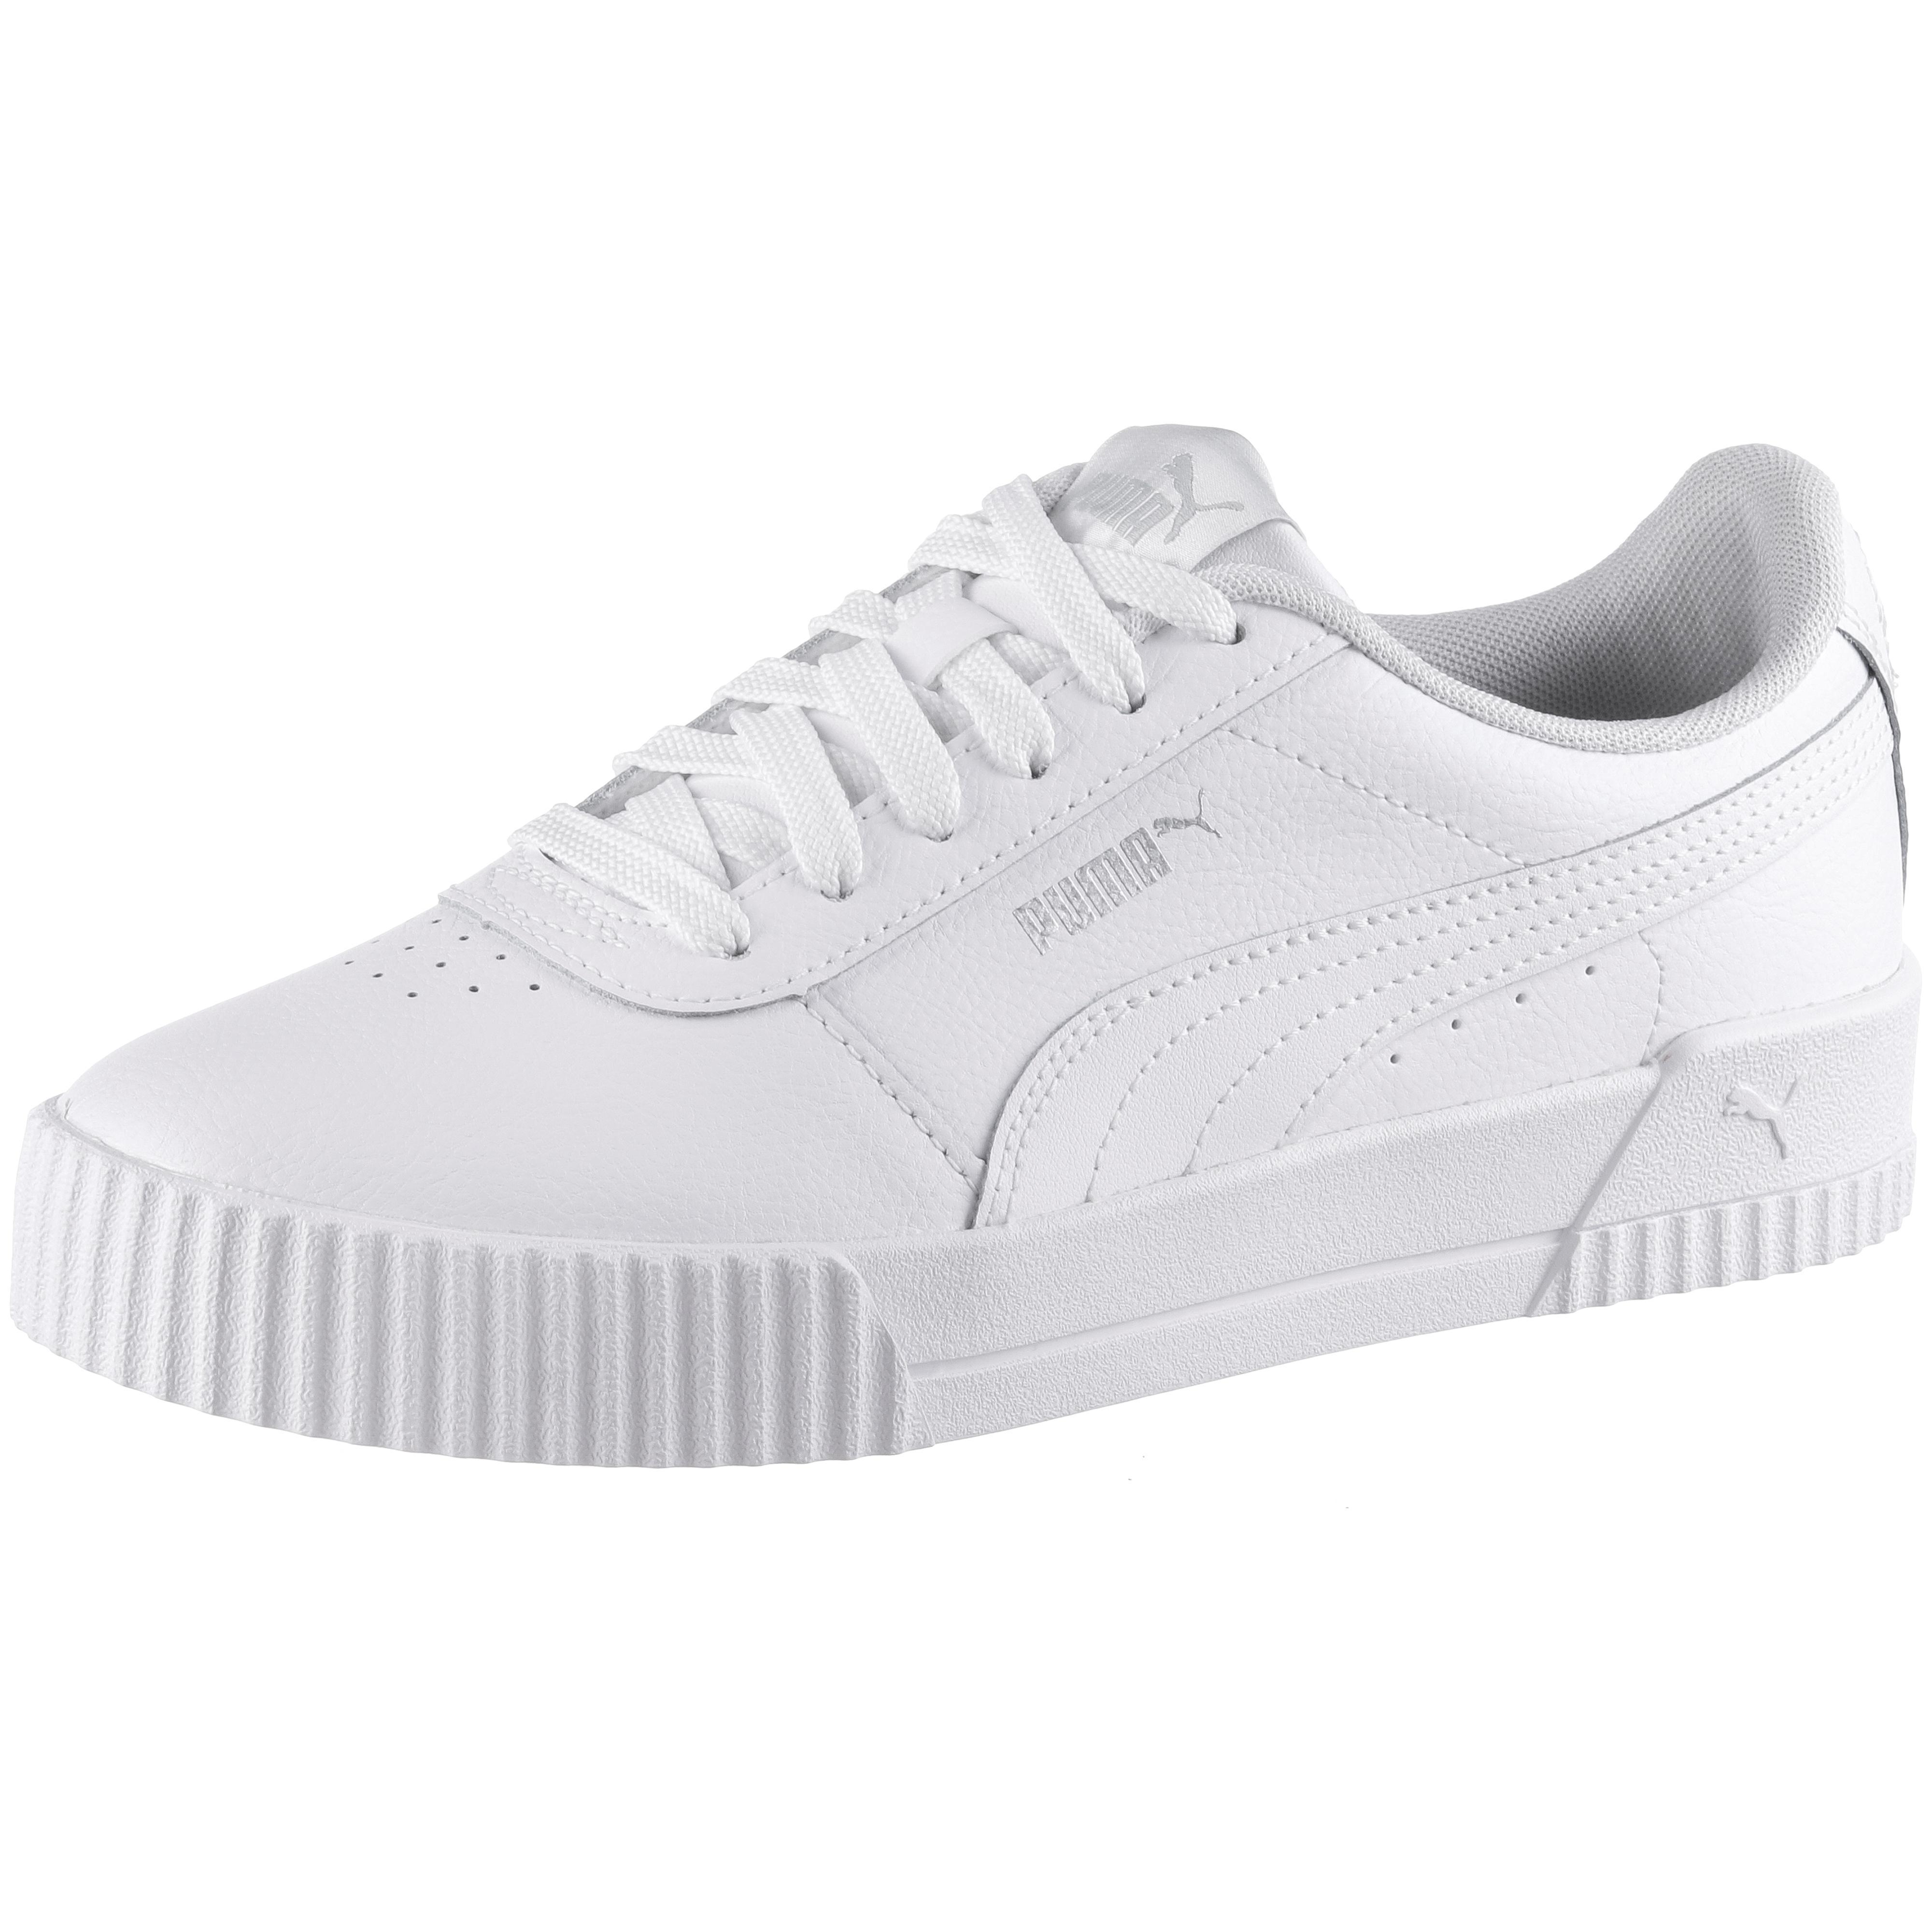 PUMA Carina L Sneaker Damen puma white-puma white-puma silver im Online Shop von SportScheck kaufen